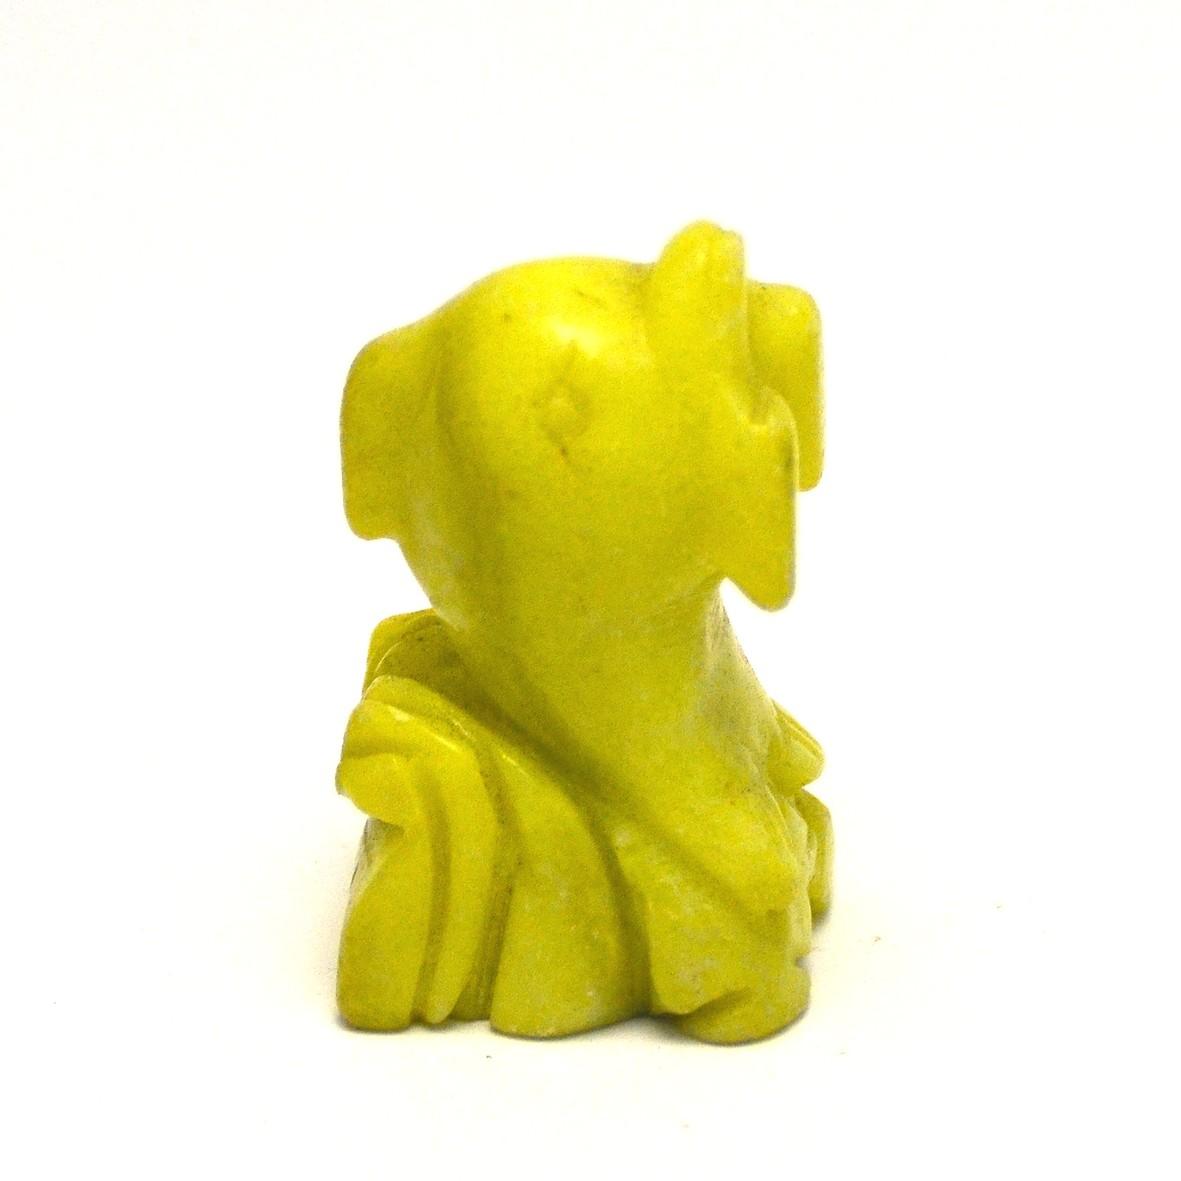 statuette minéraux  dauphin , en pierre naturelle de jade néphrite jaune